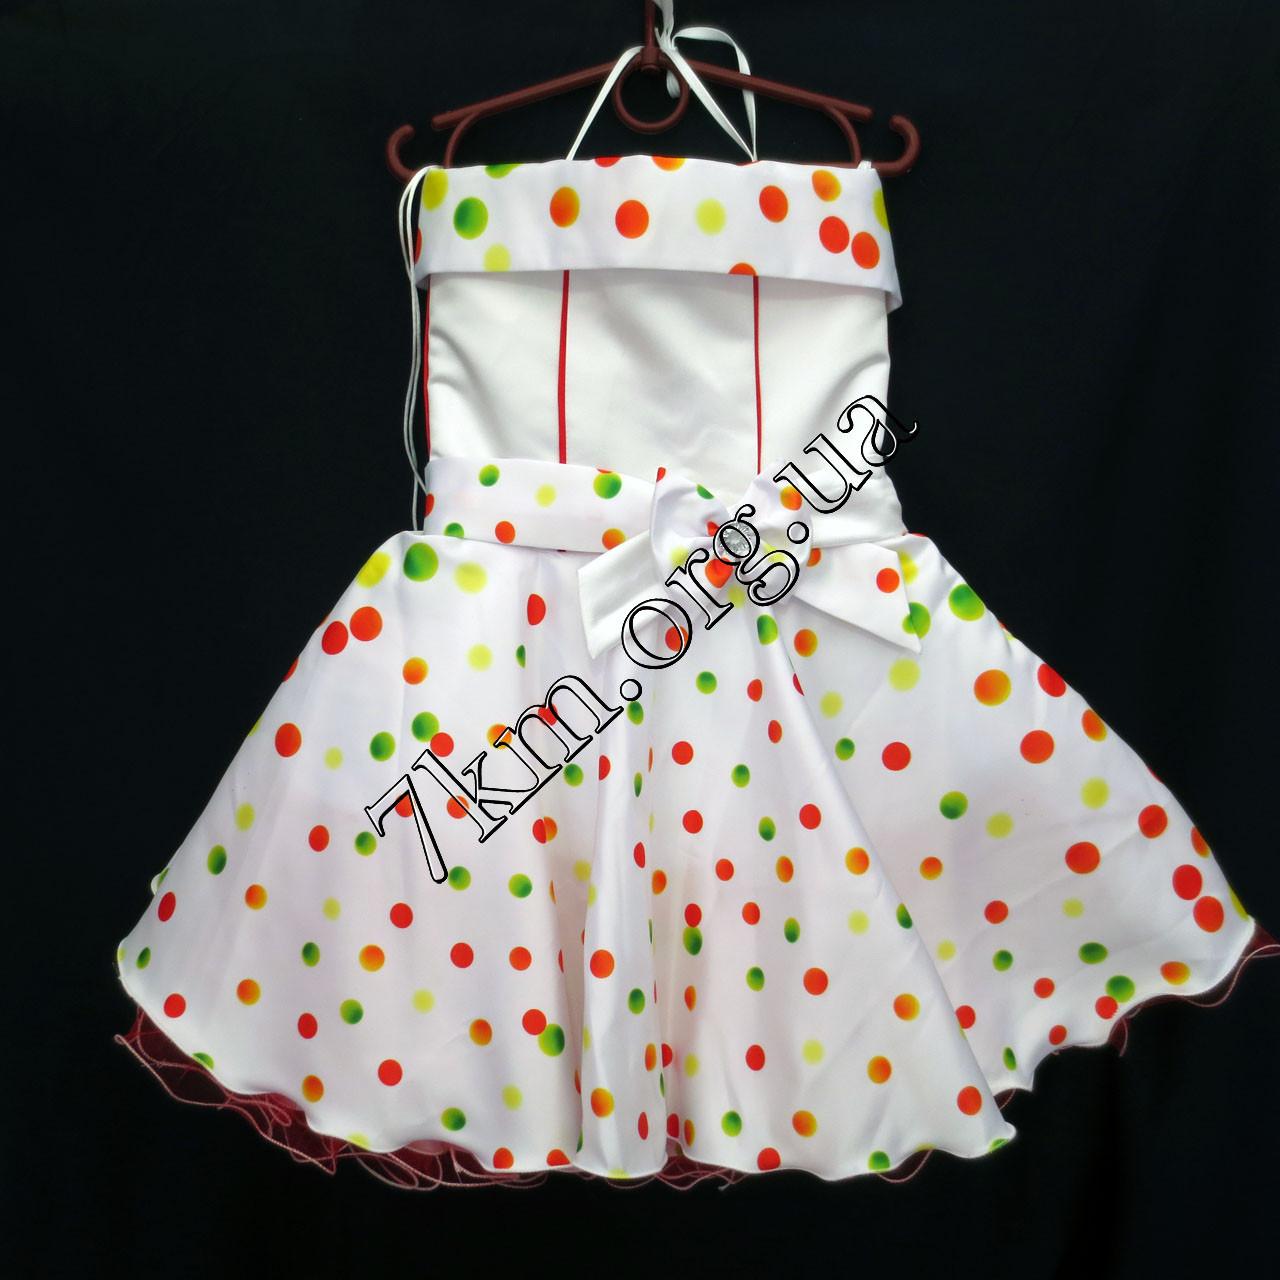 Платье нарядное бальное детское 6 лет Стиляга ассорти Украина оптом.